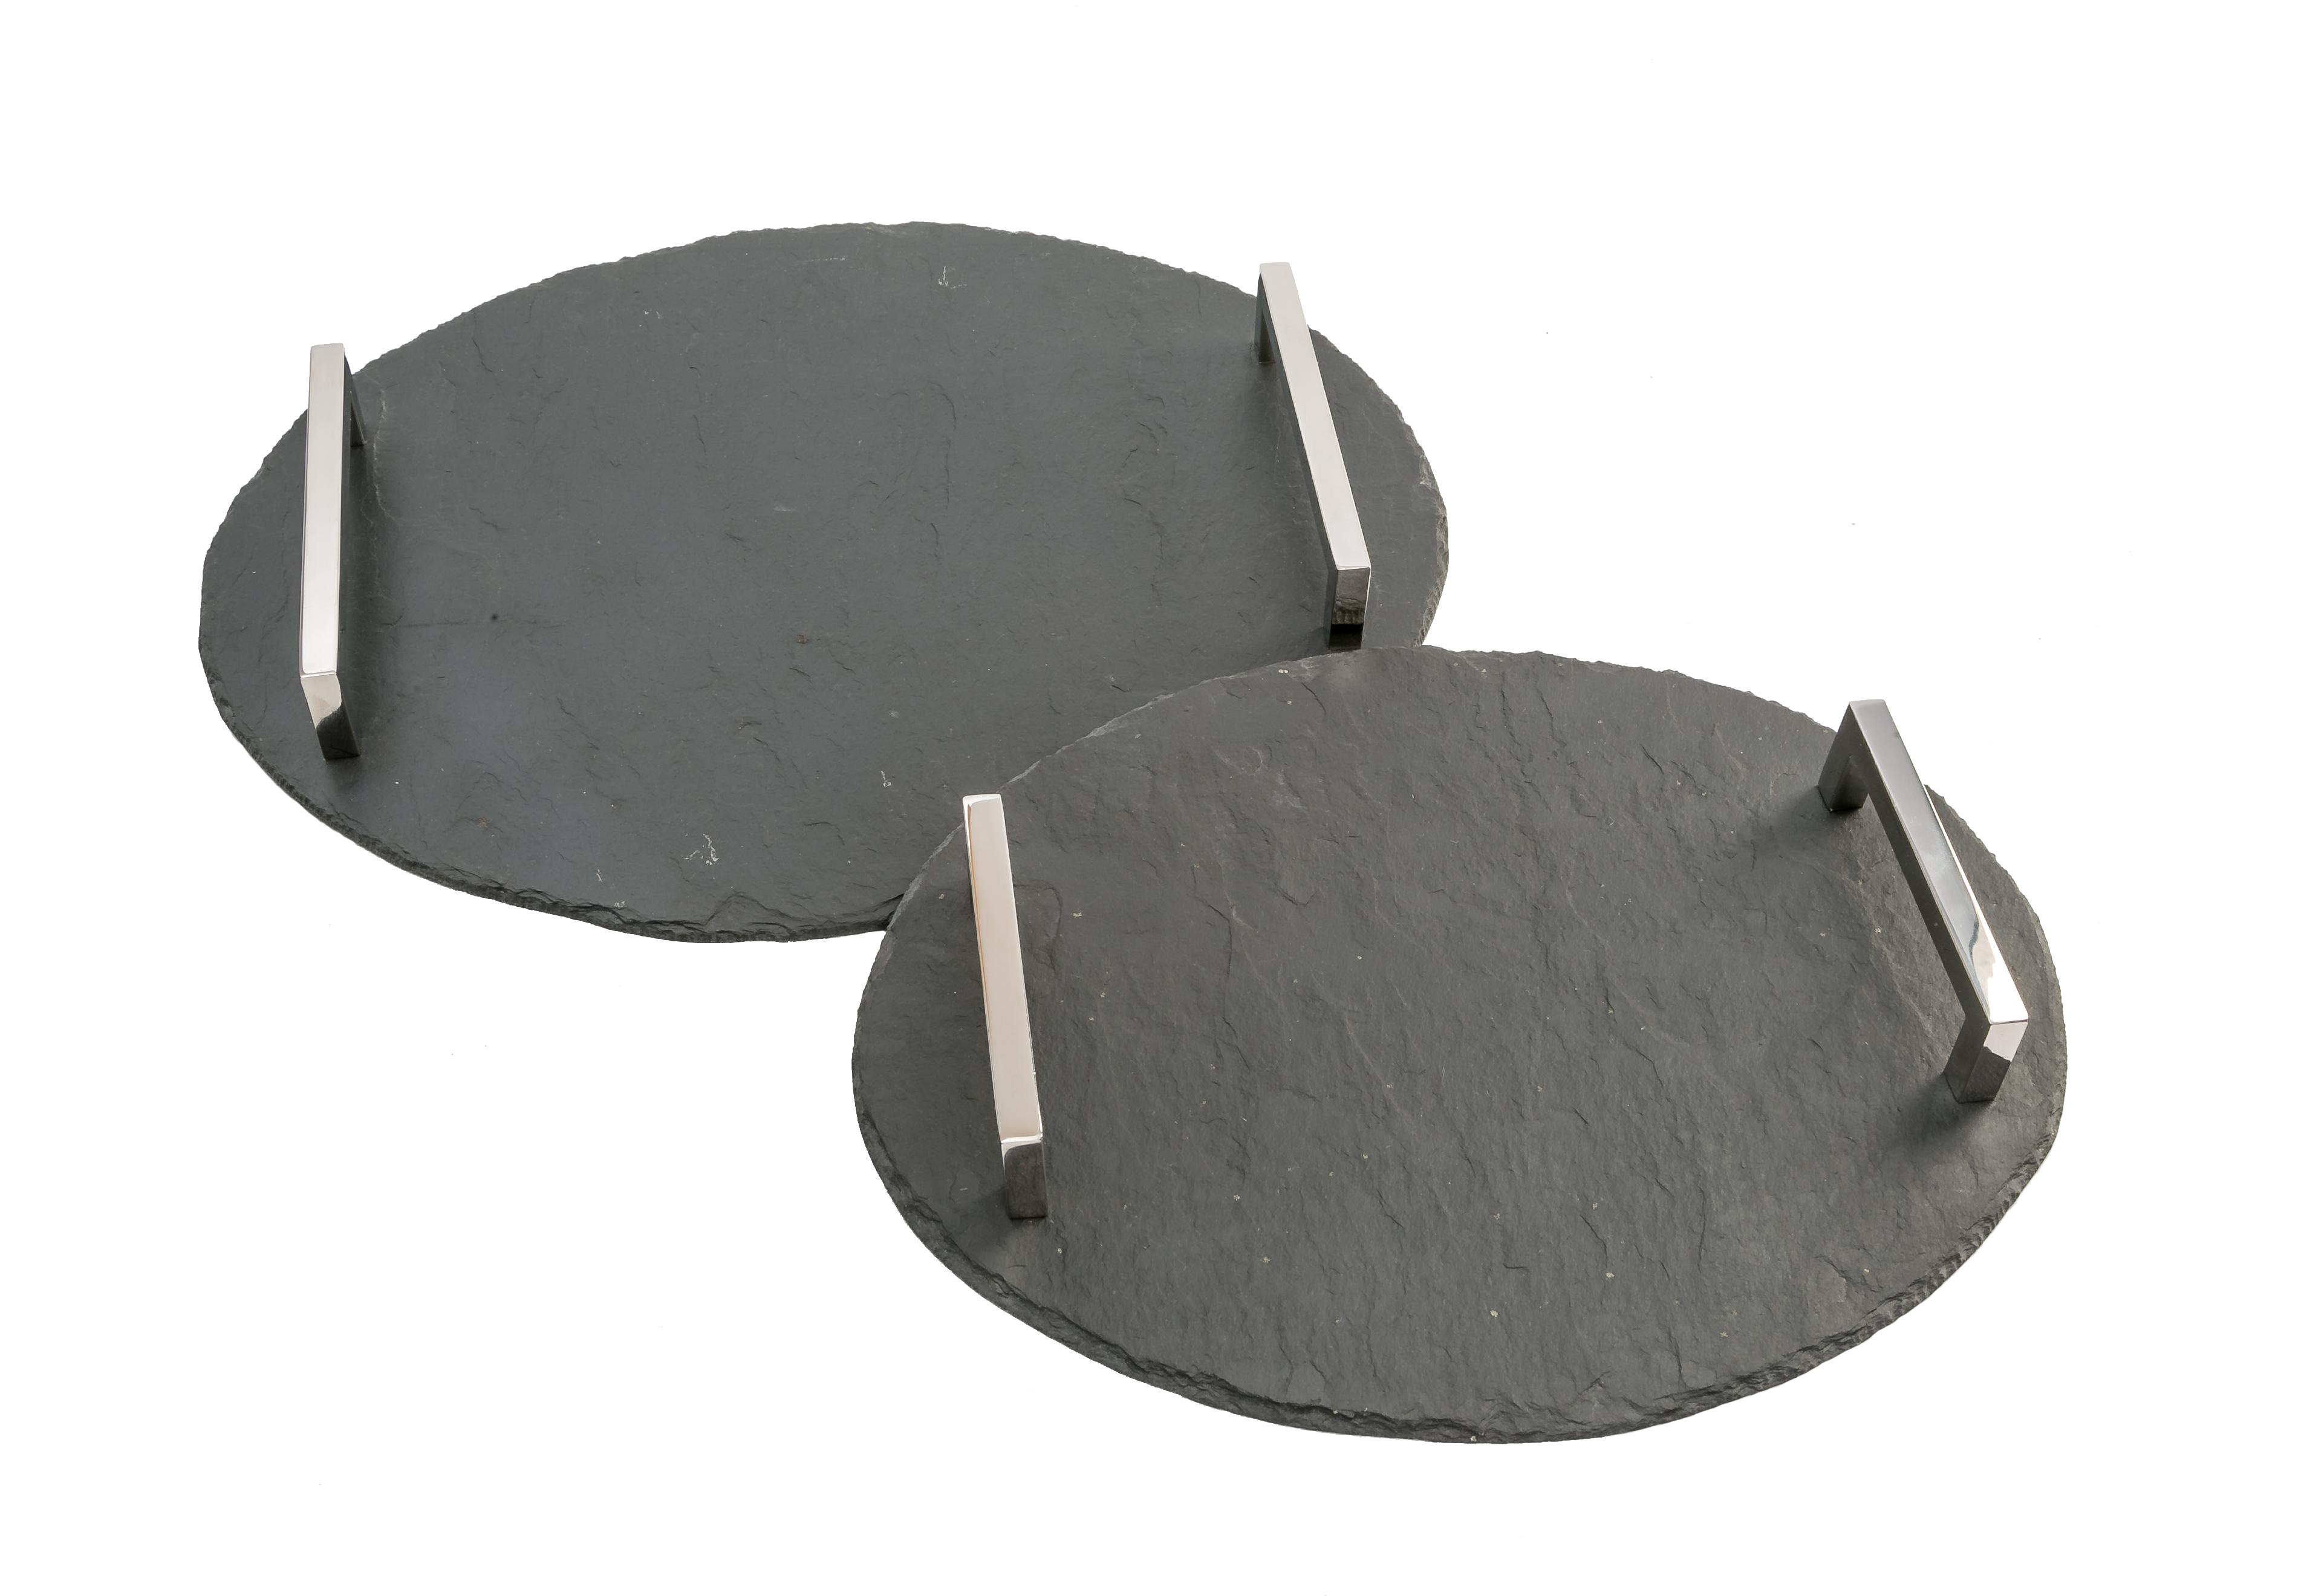 Schieferplatte oval mit verschiedenen Griffen